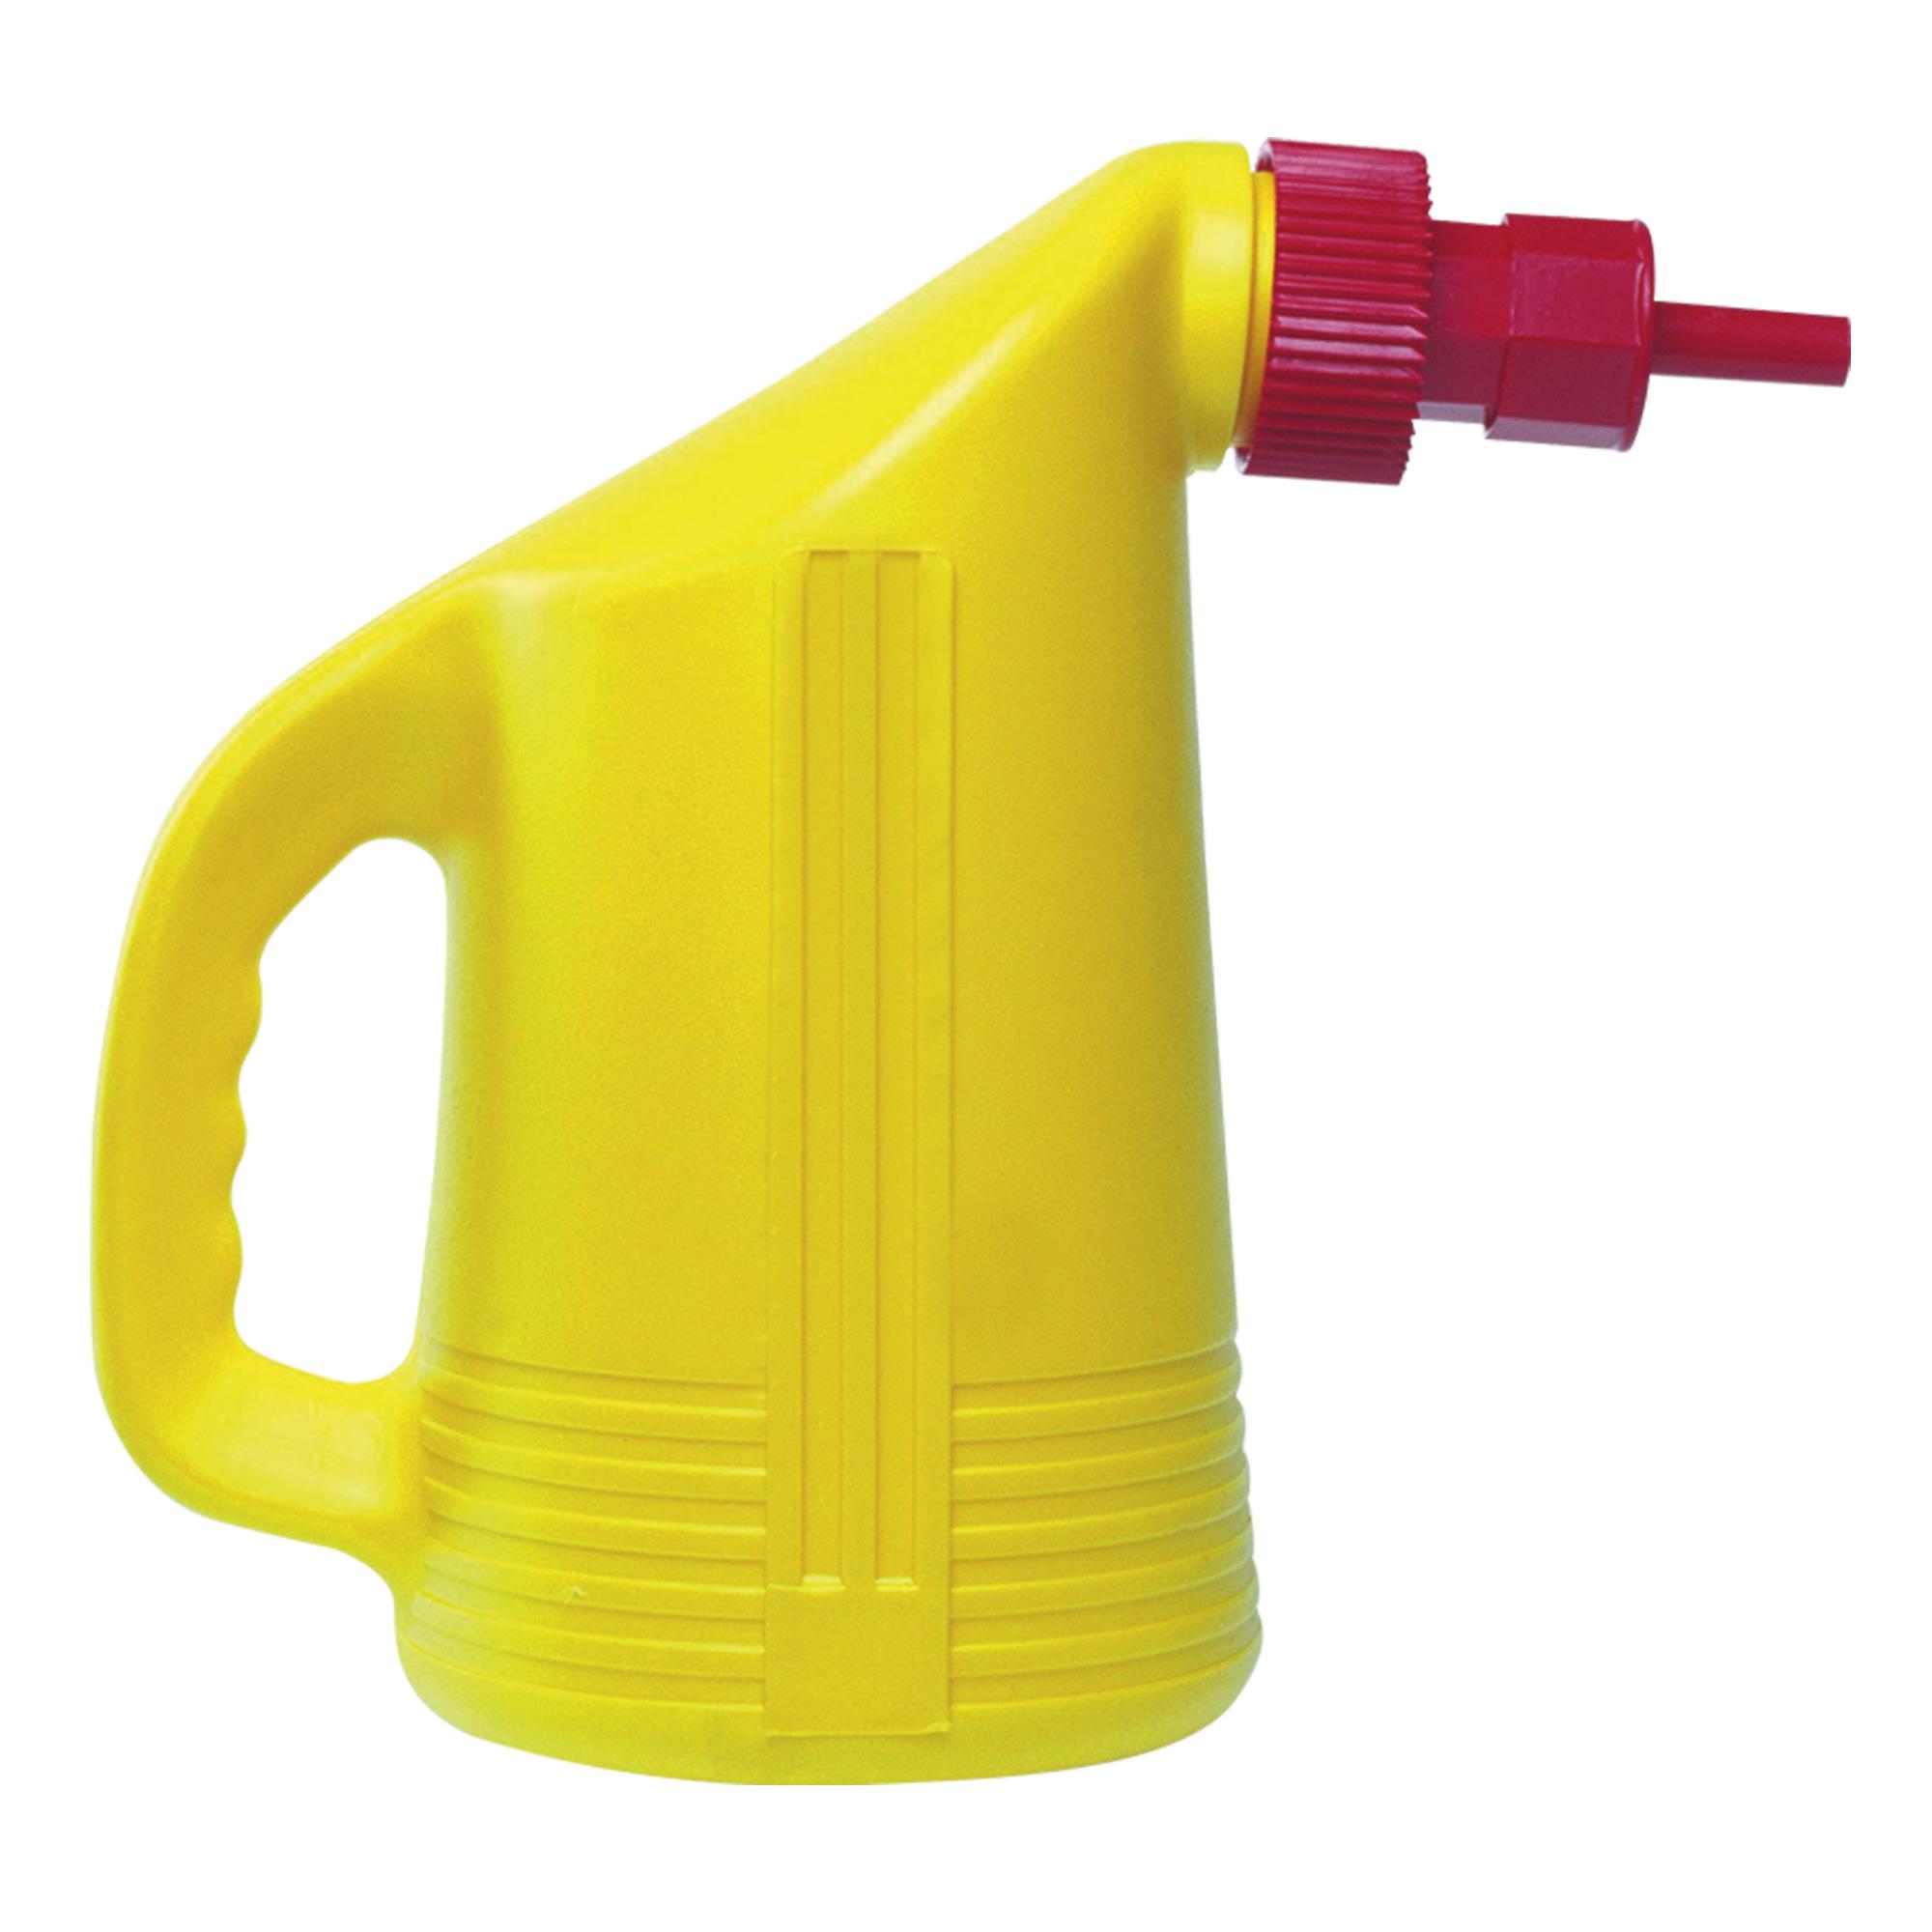 Ventil für Wasserfüllflasche